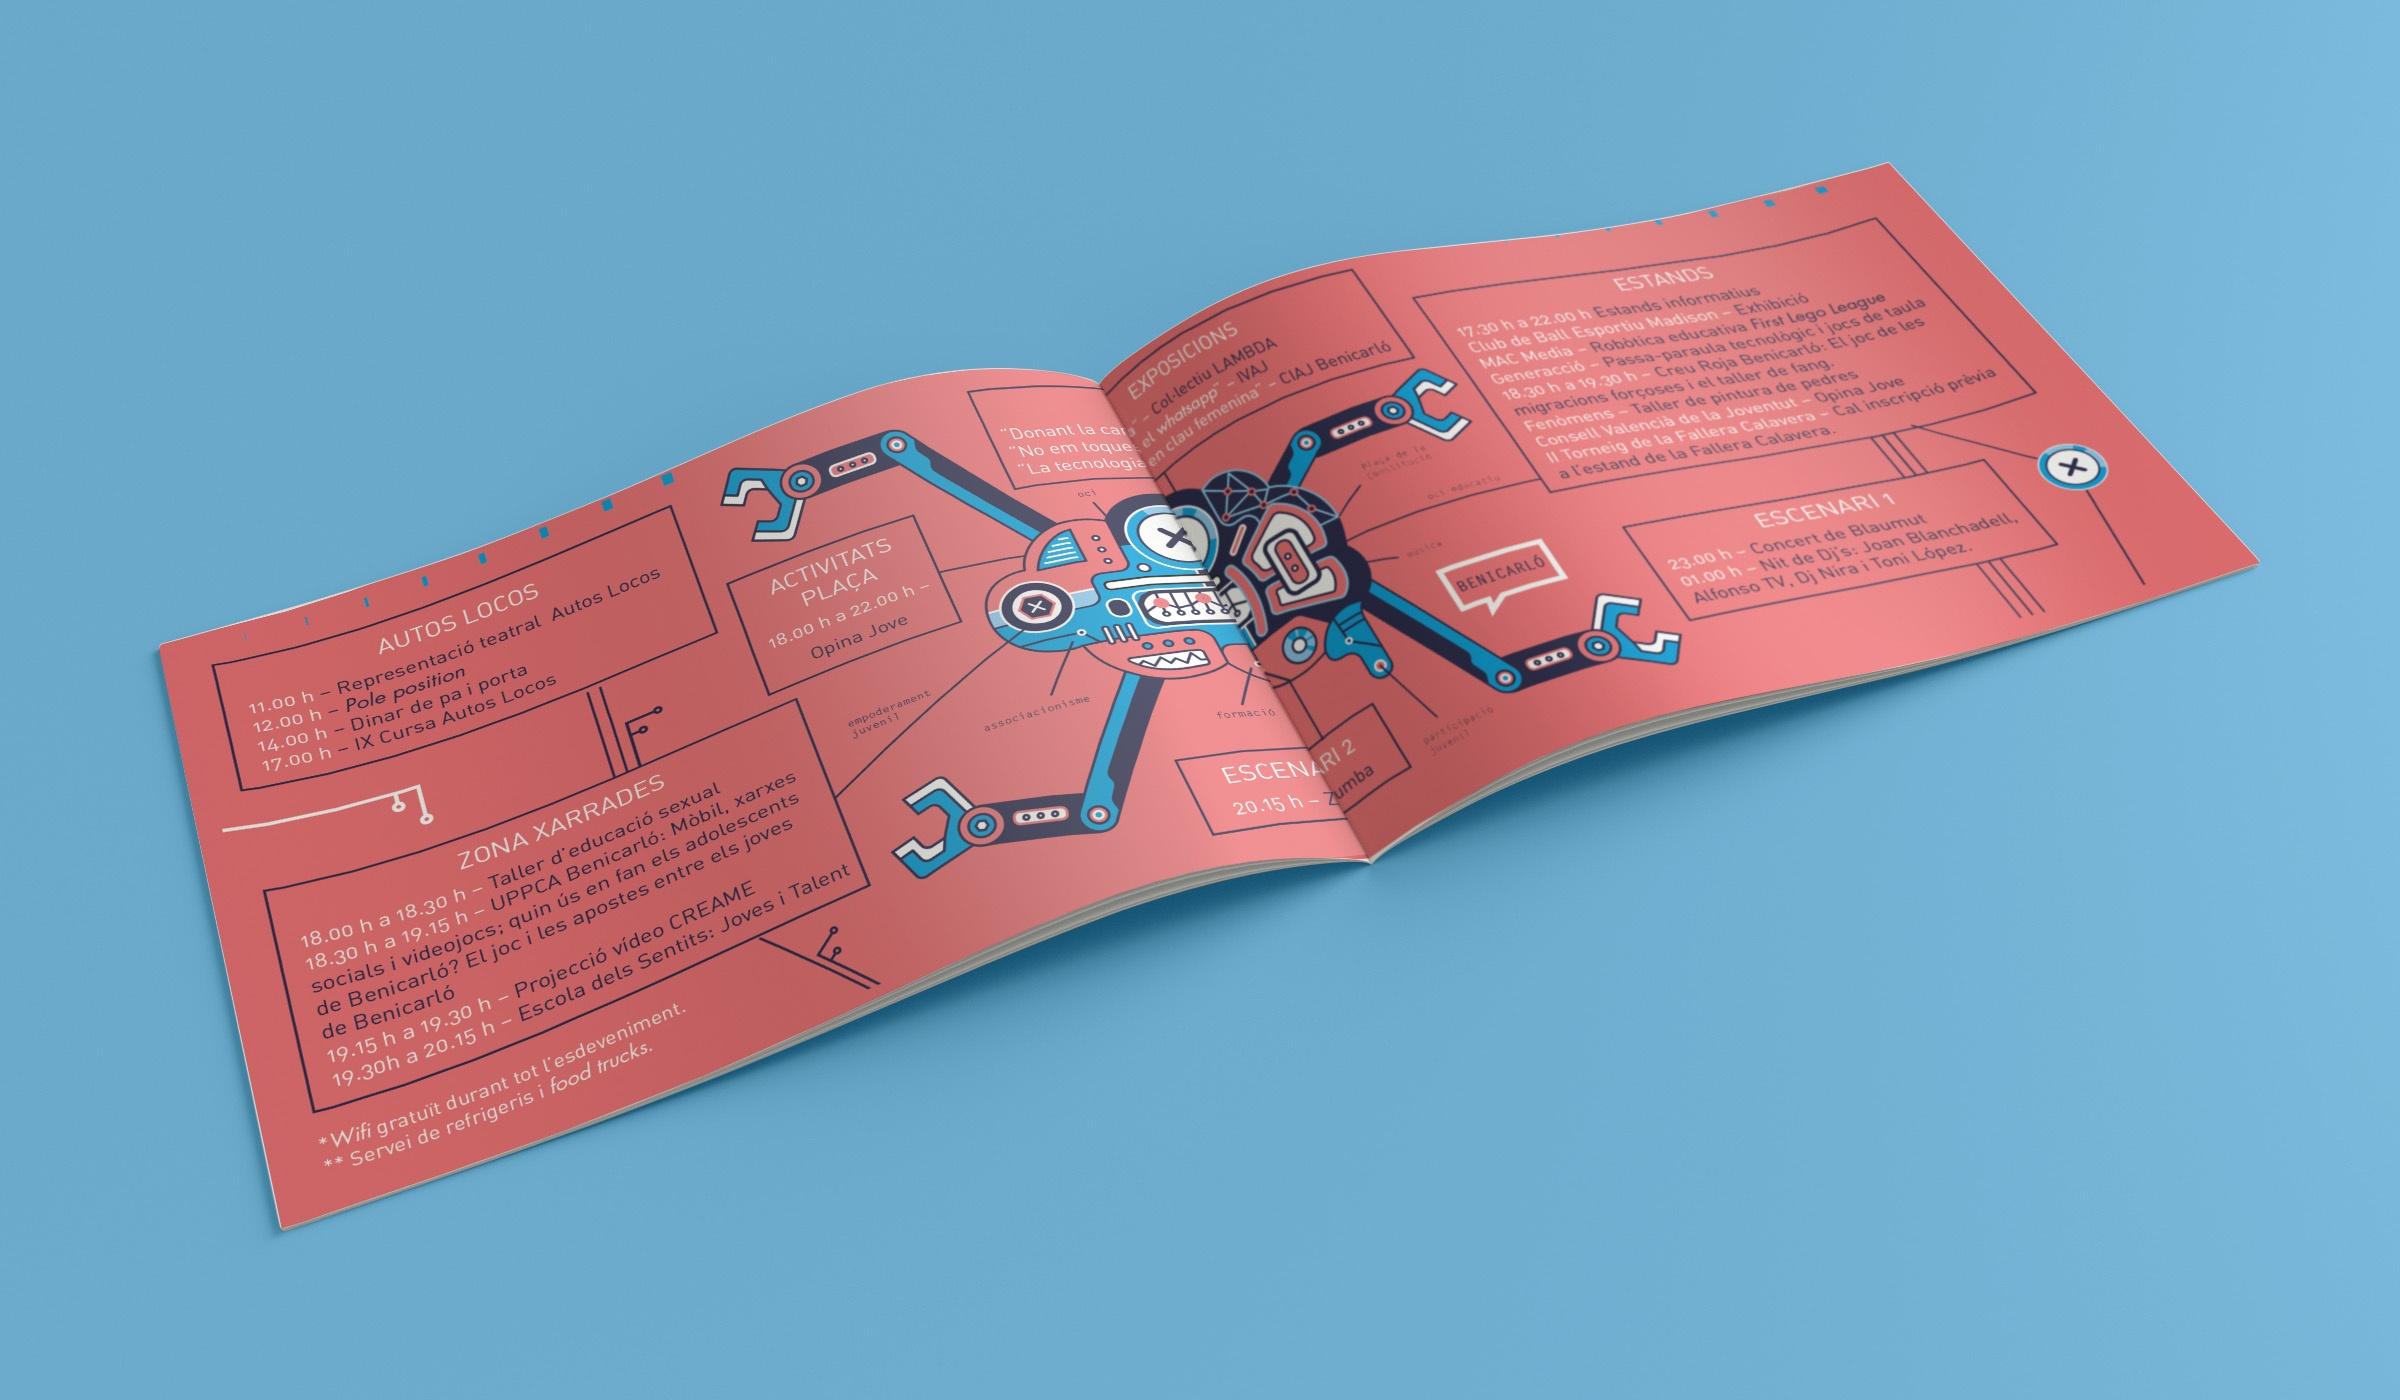 folleto corporativo, soporte de comunicación gráfica, díptico, folleto creativo